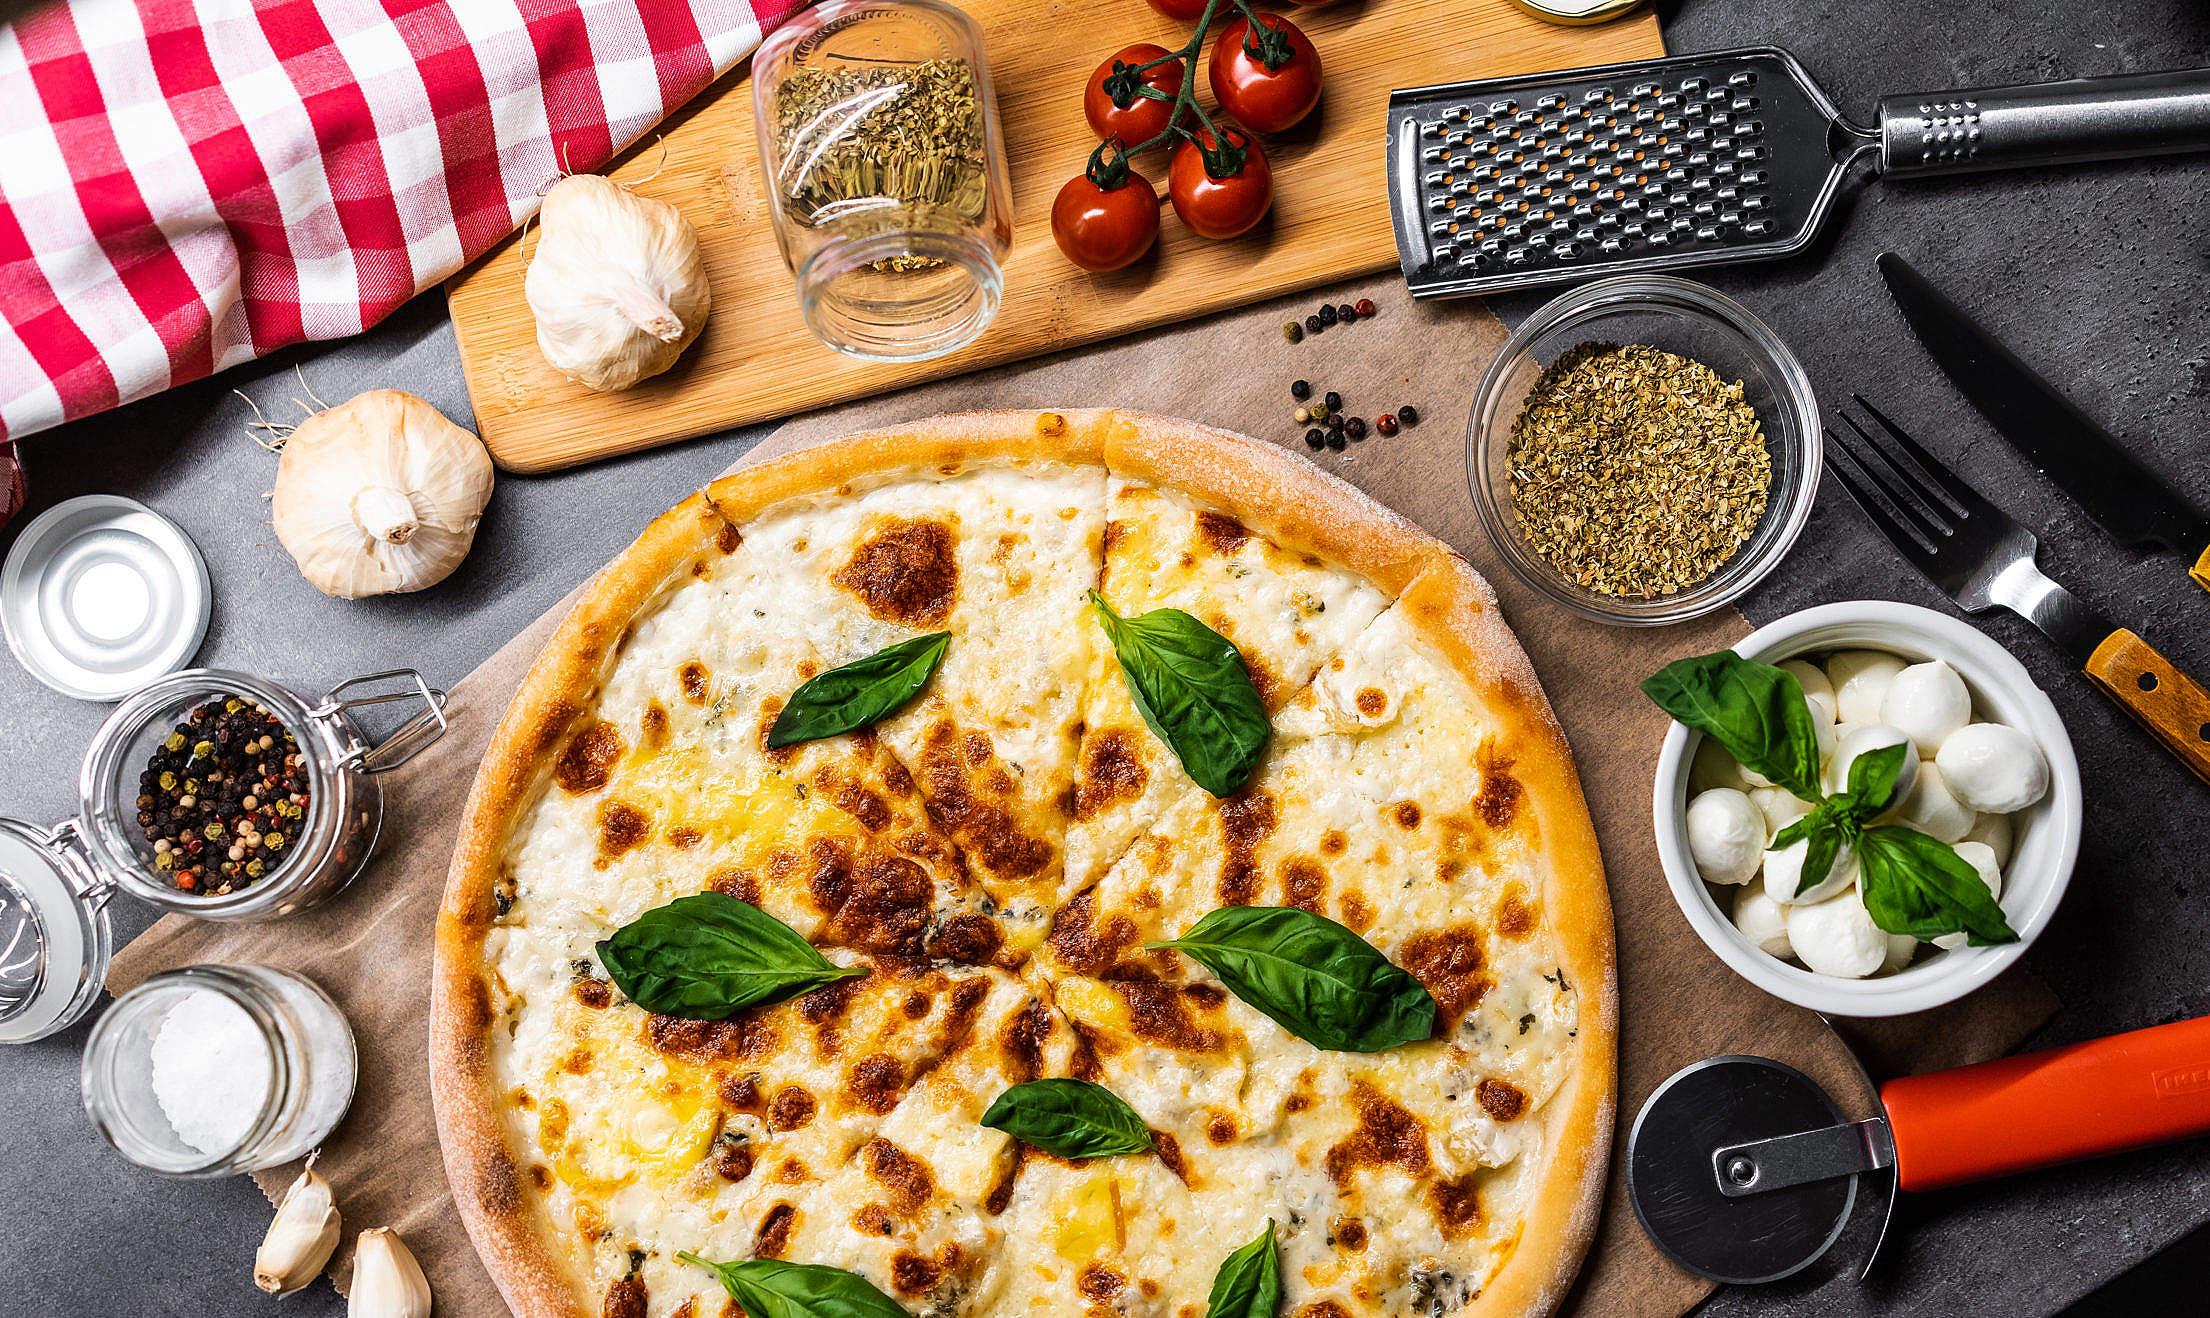 Pizza Quattro Formaggi Free Stock Photo